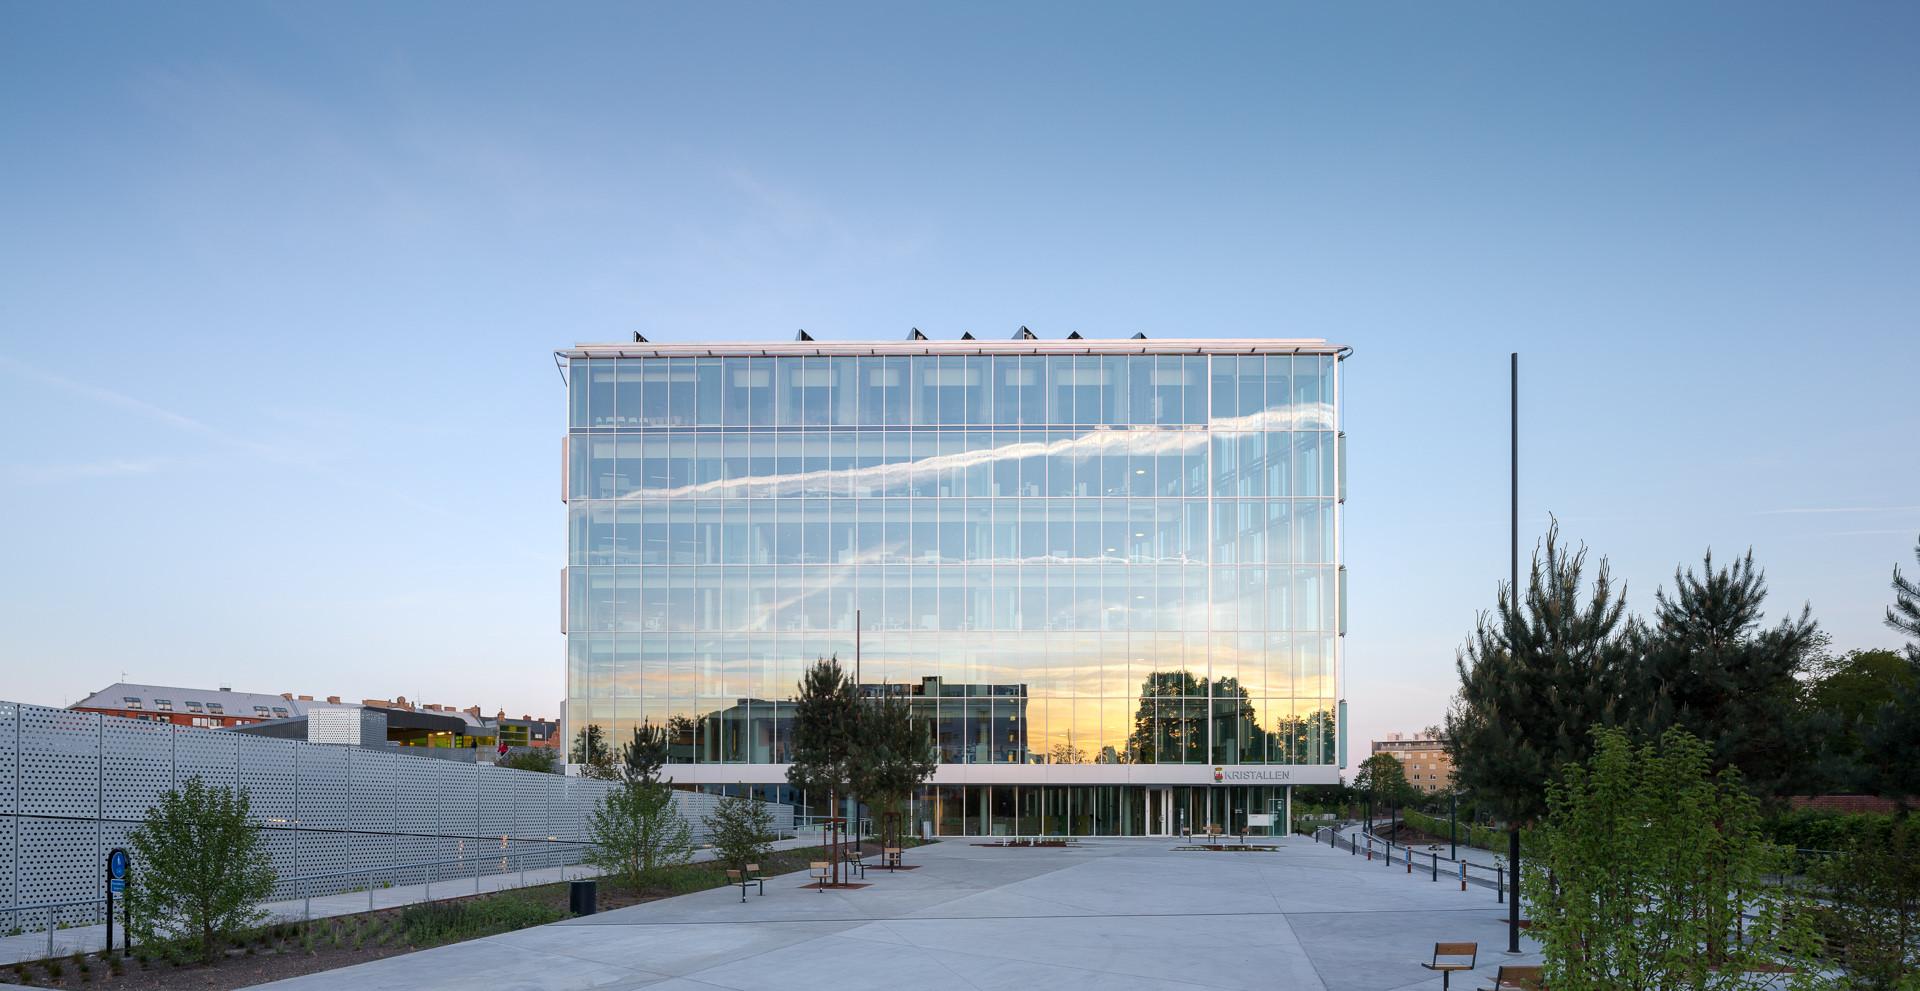 The Greenest City Hall in Sweden / Christensen & Co Architects, © Adam Mørk